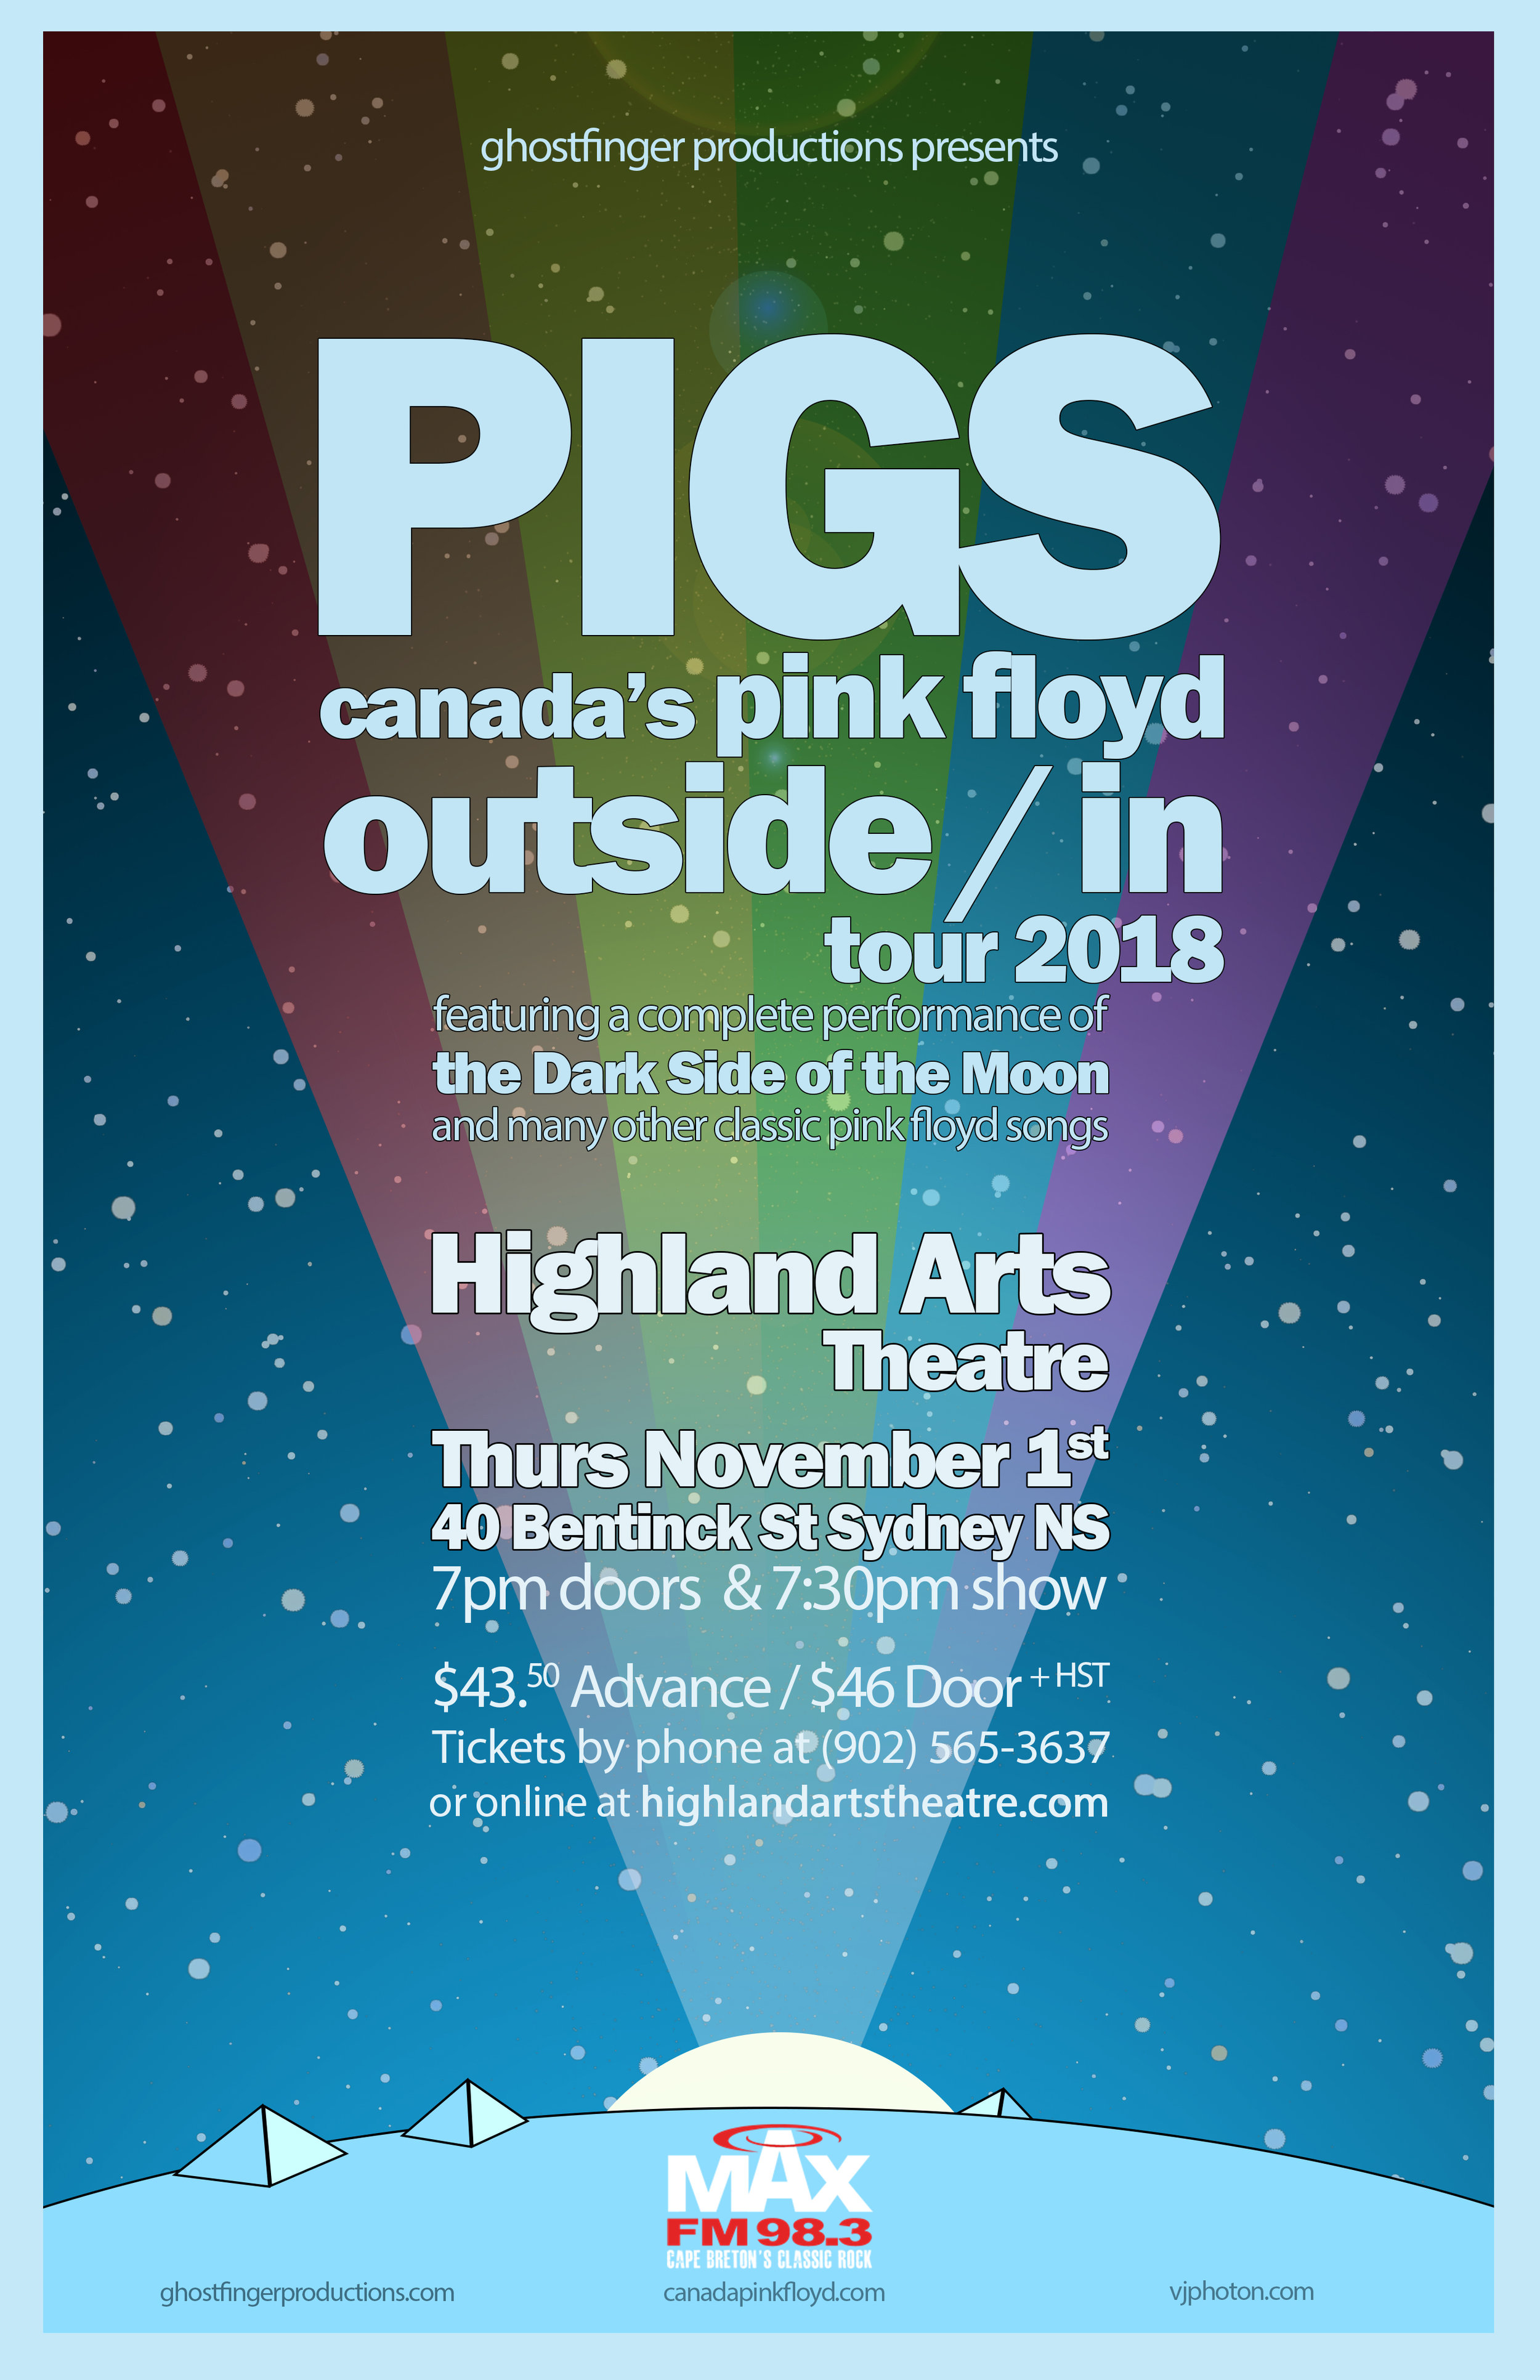 PIGS Outside In Sydney.jpg